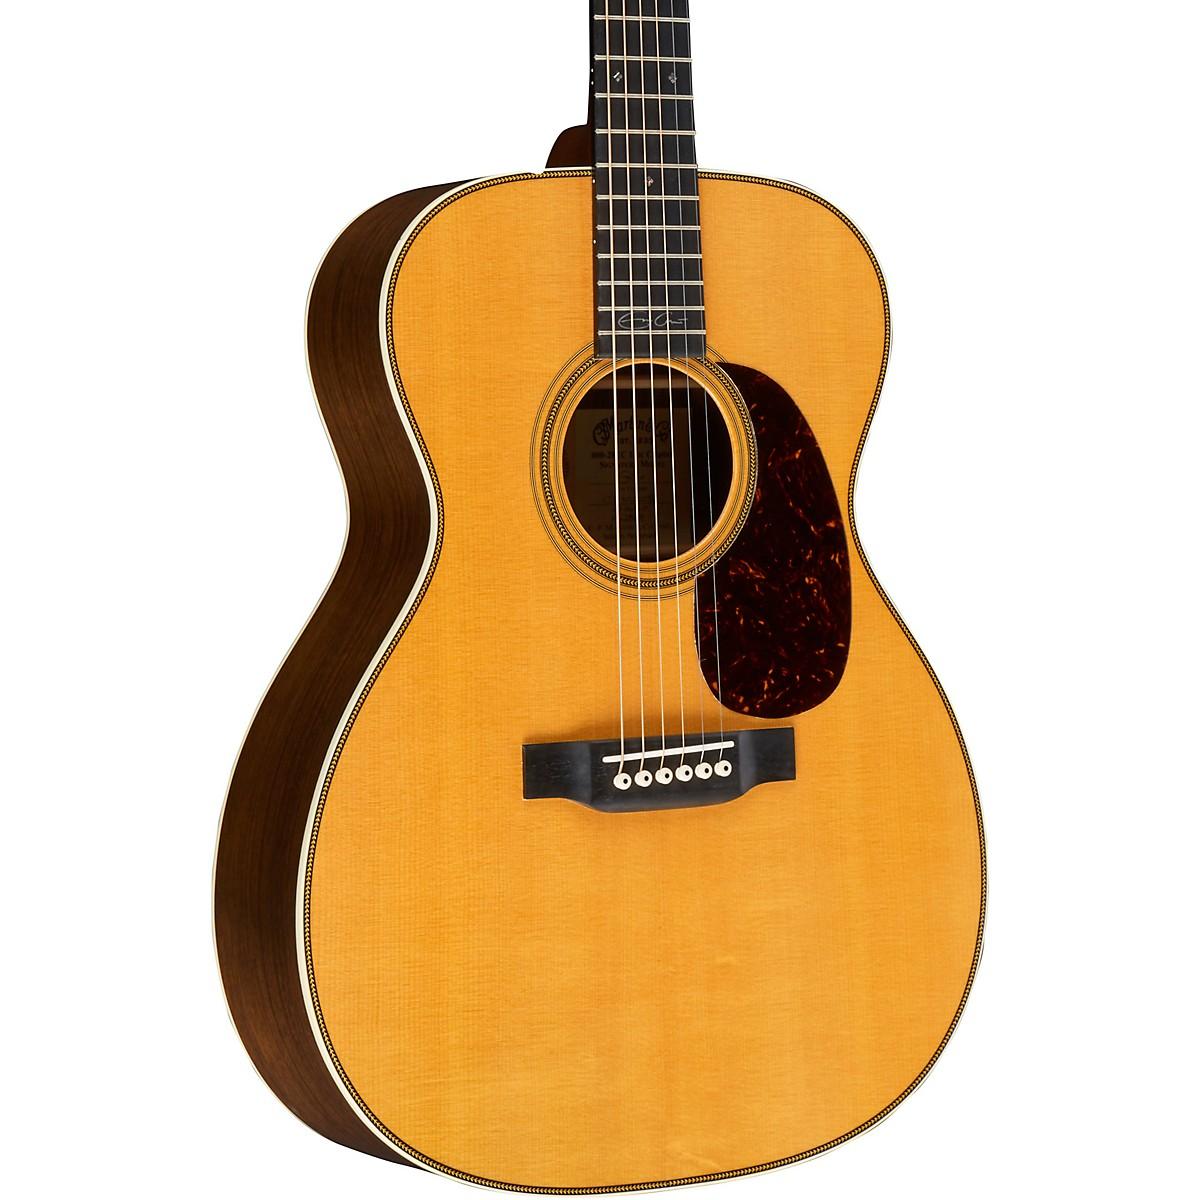 Martin 000-28 Eric Clapton Signature Auditorium Acoustic Guitar